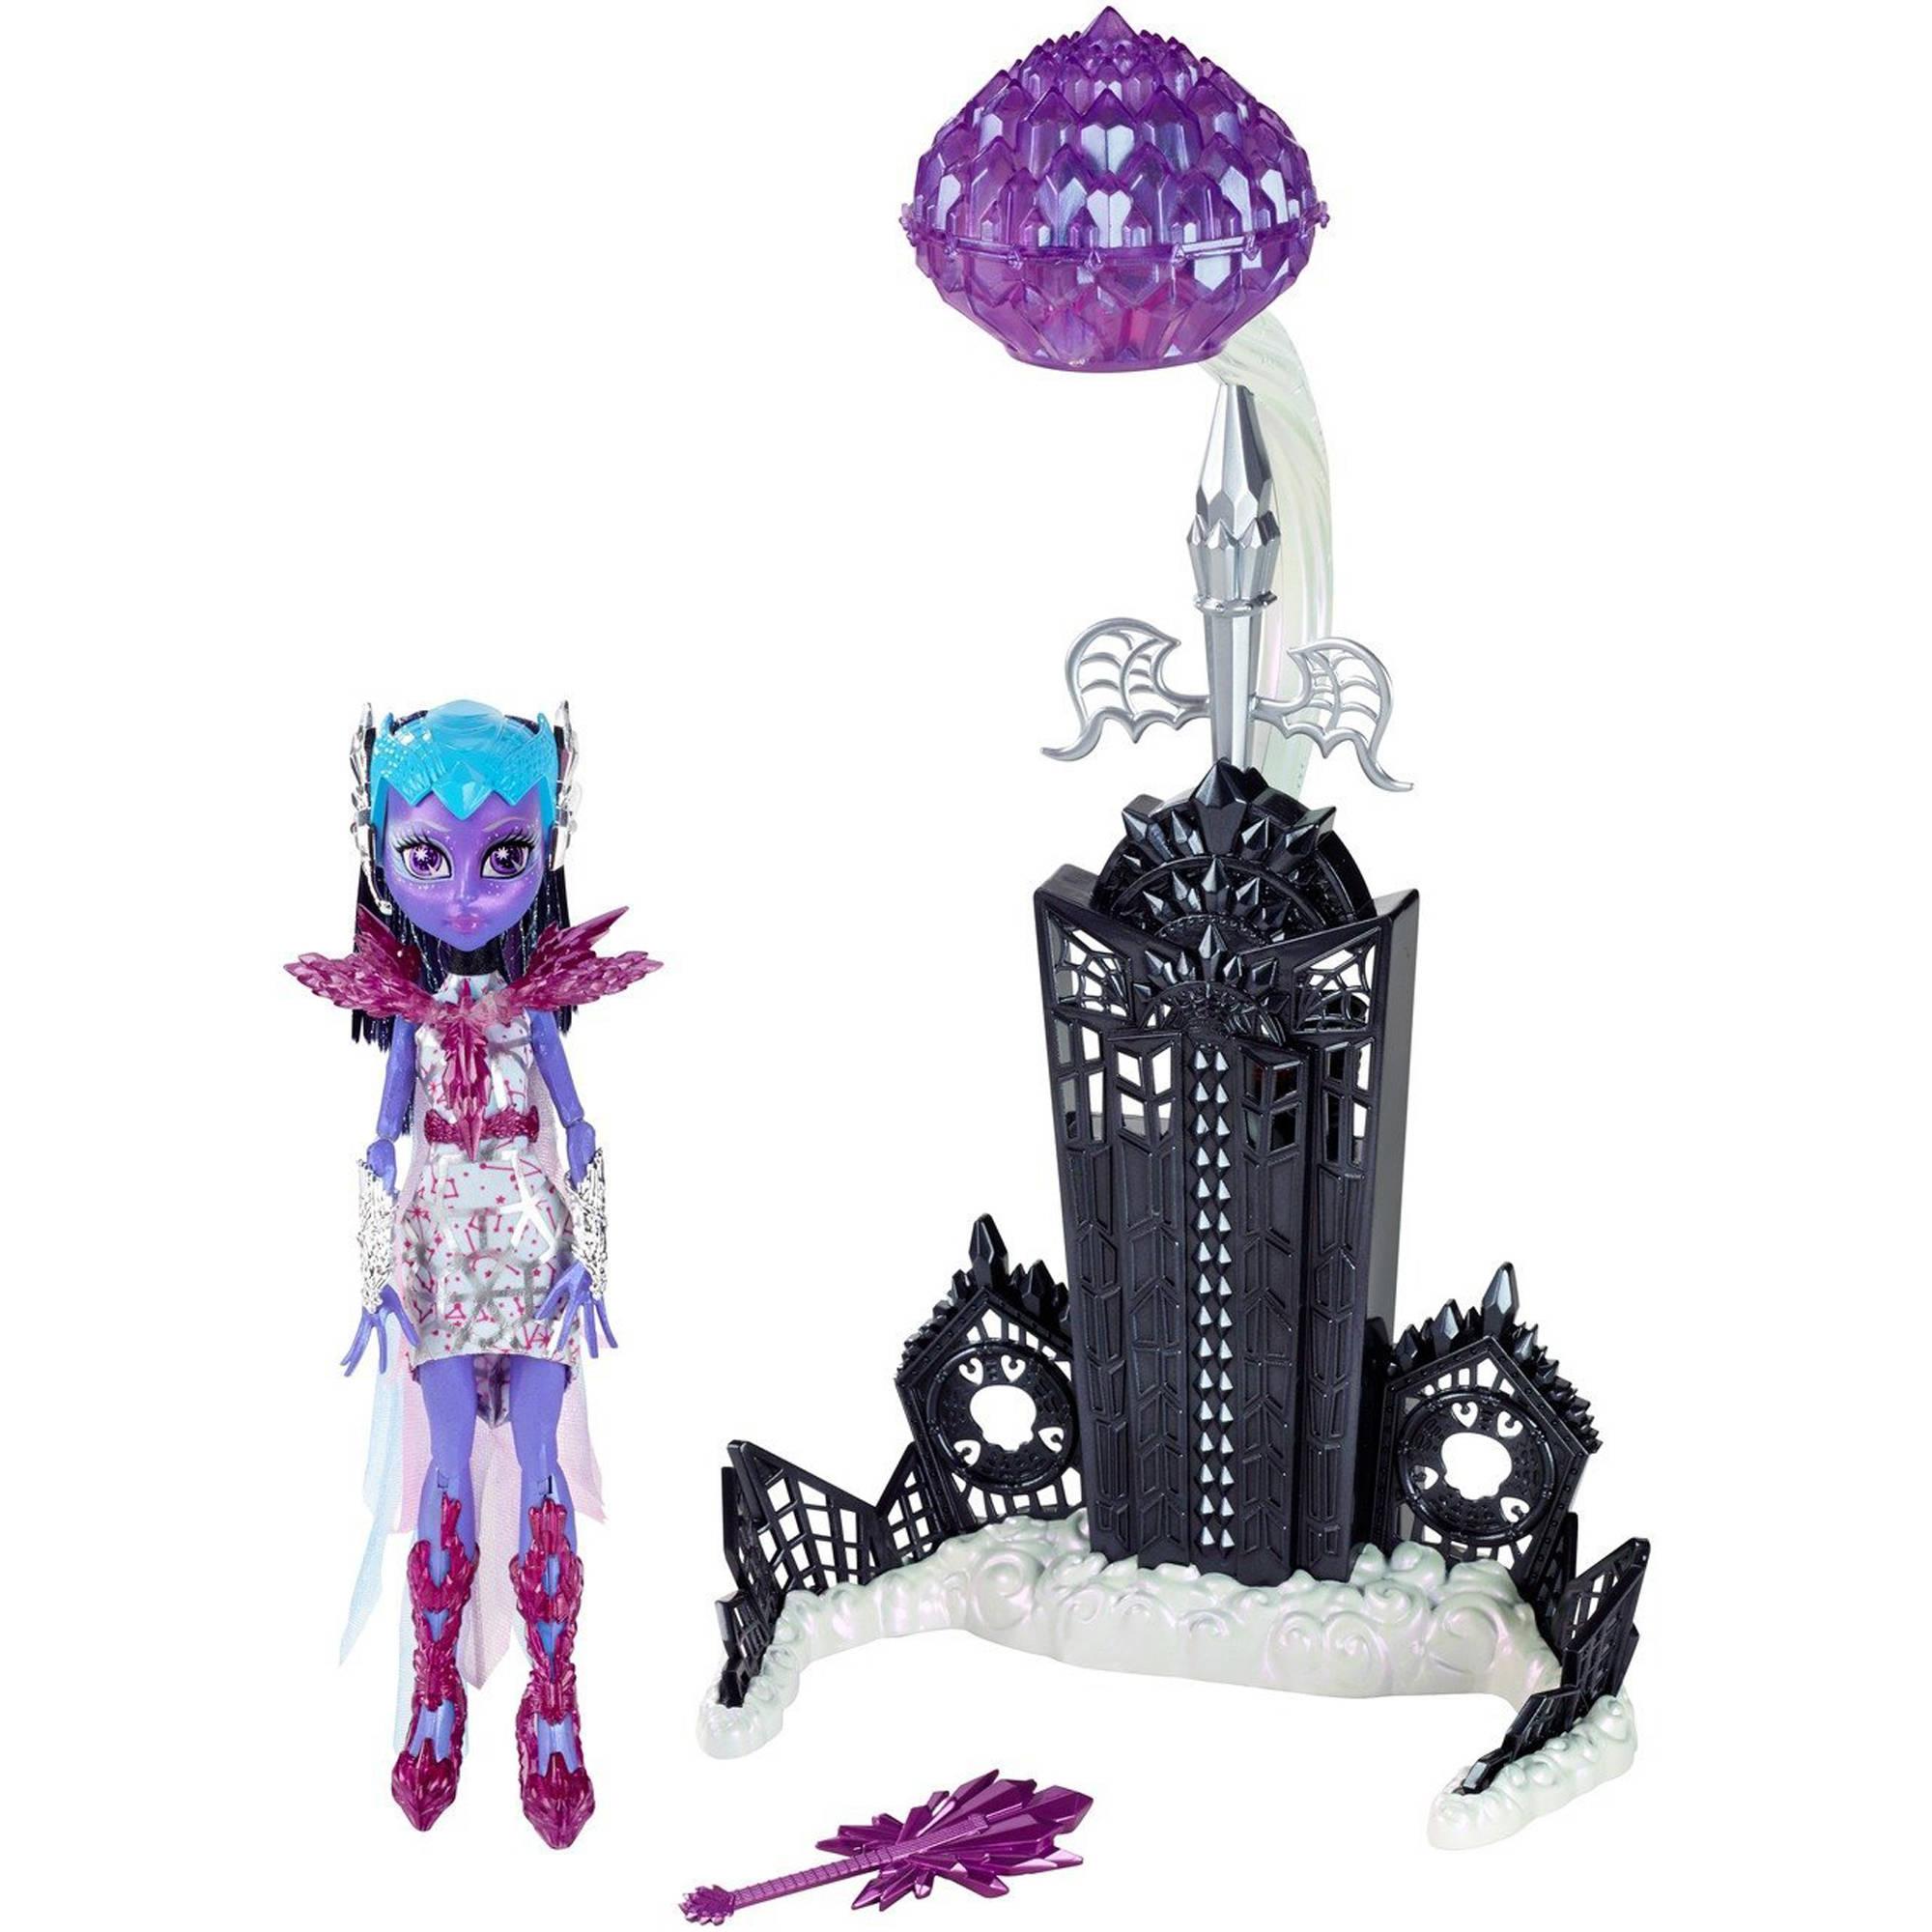 Monster High Boo York Flotation Station and Astranova Doll